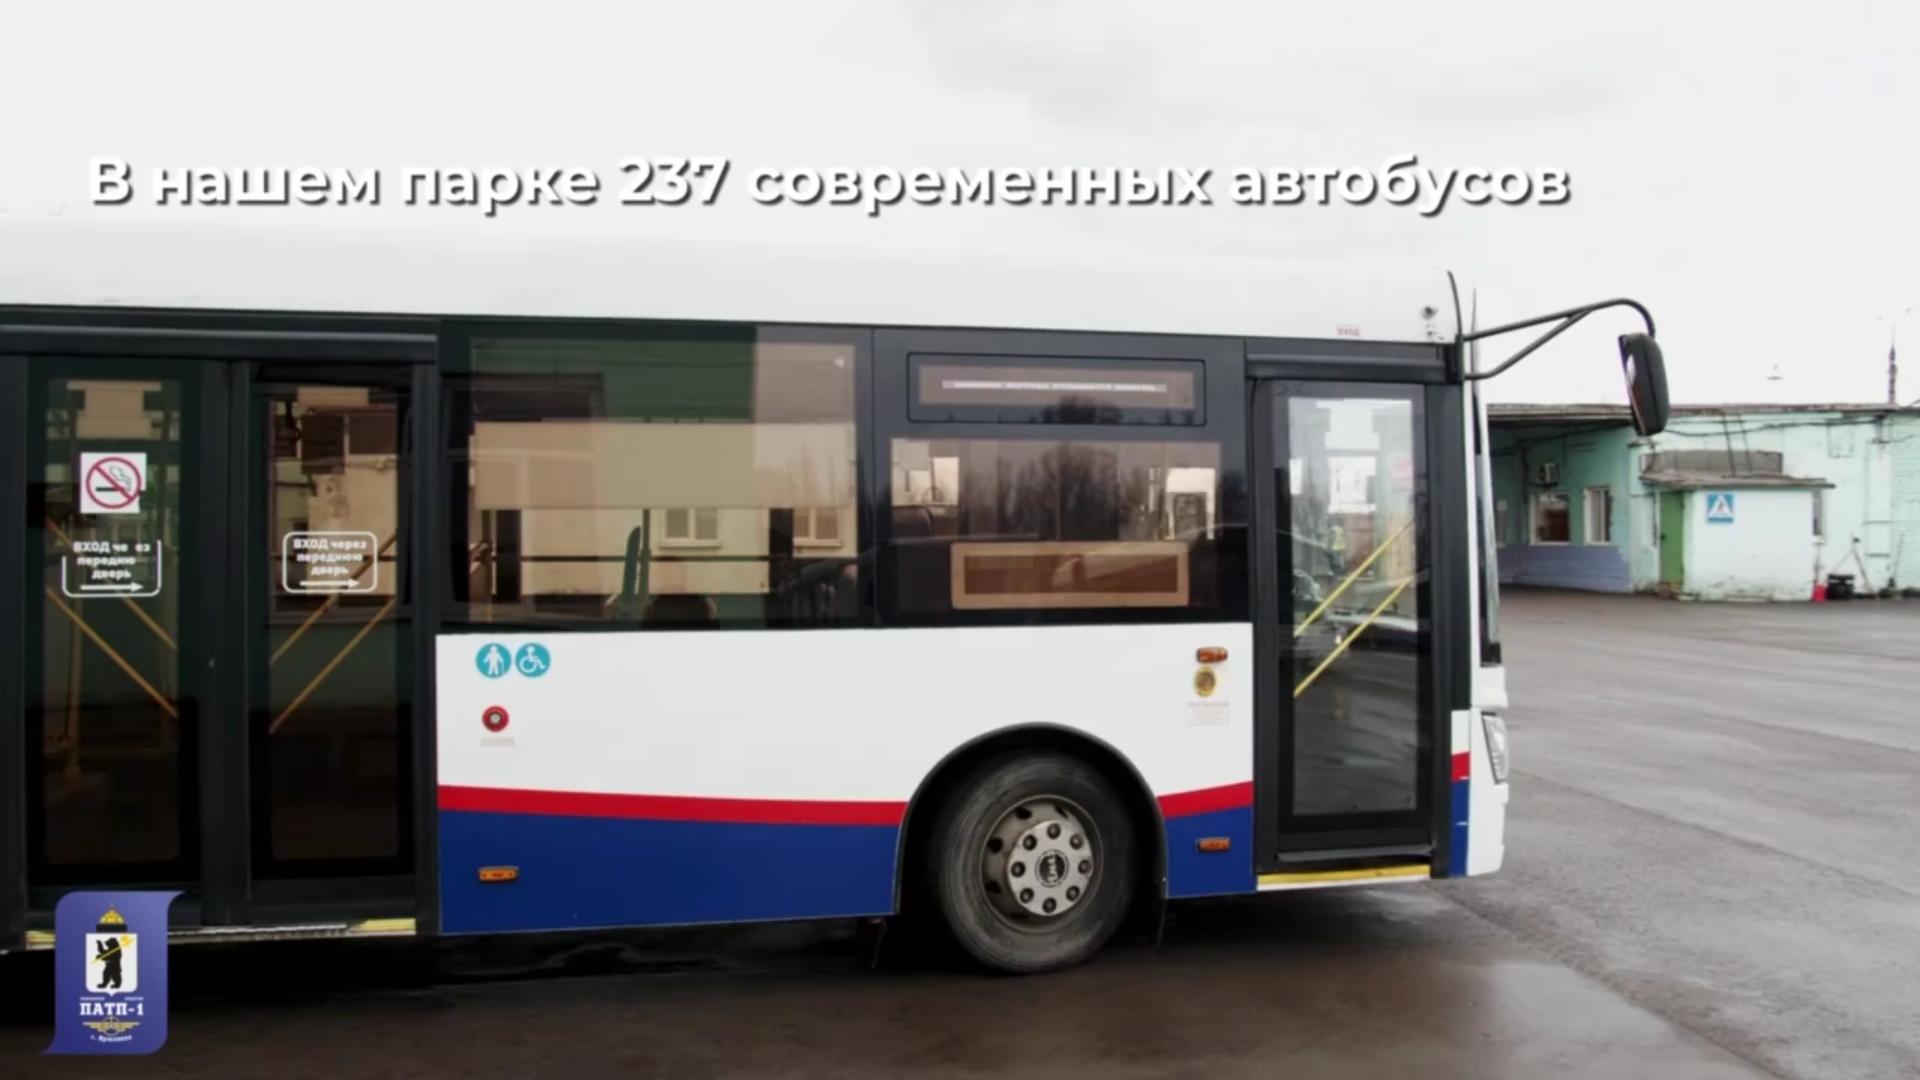 Владимир Волков показал видео о достижениях «ПАТП-1» в Ярославле